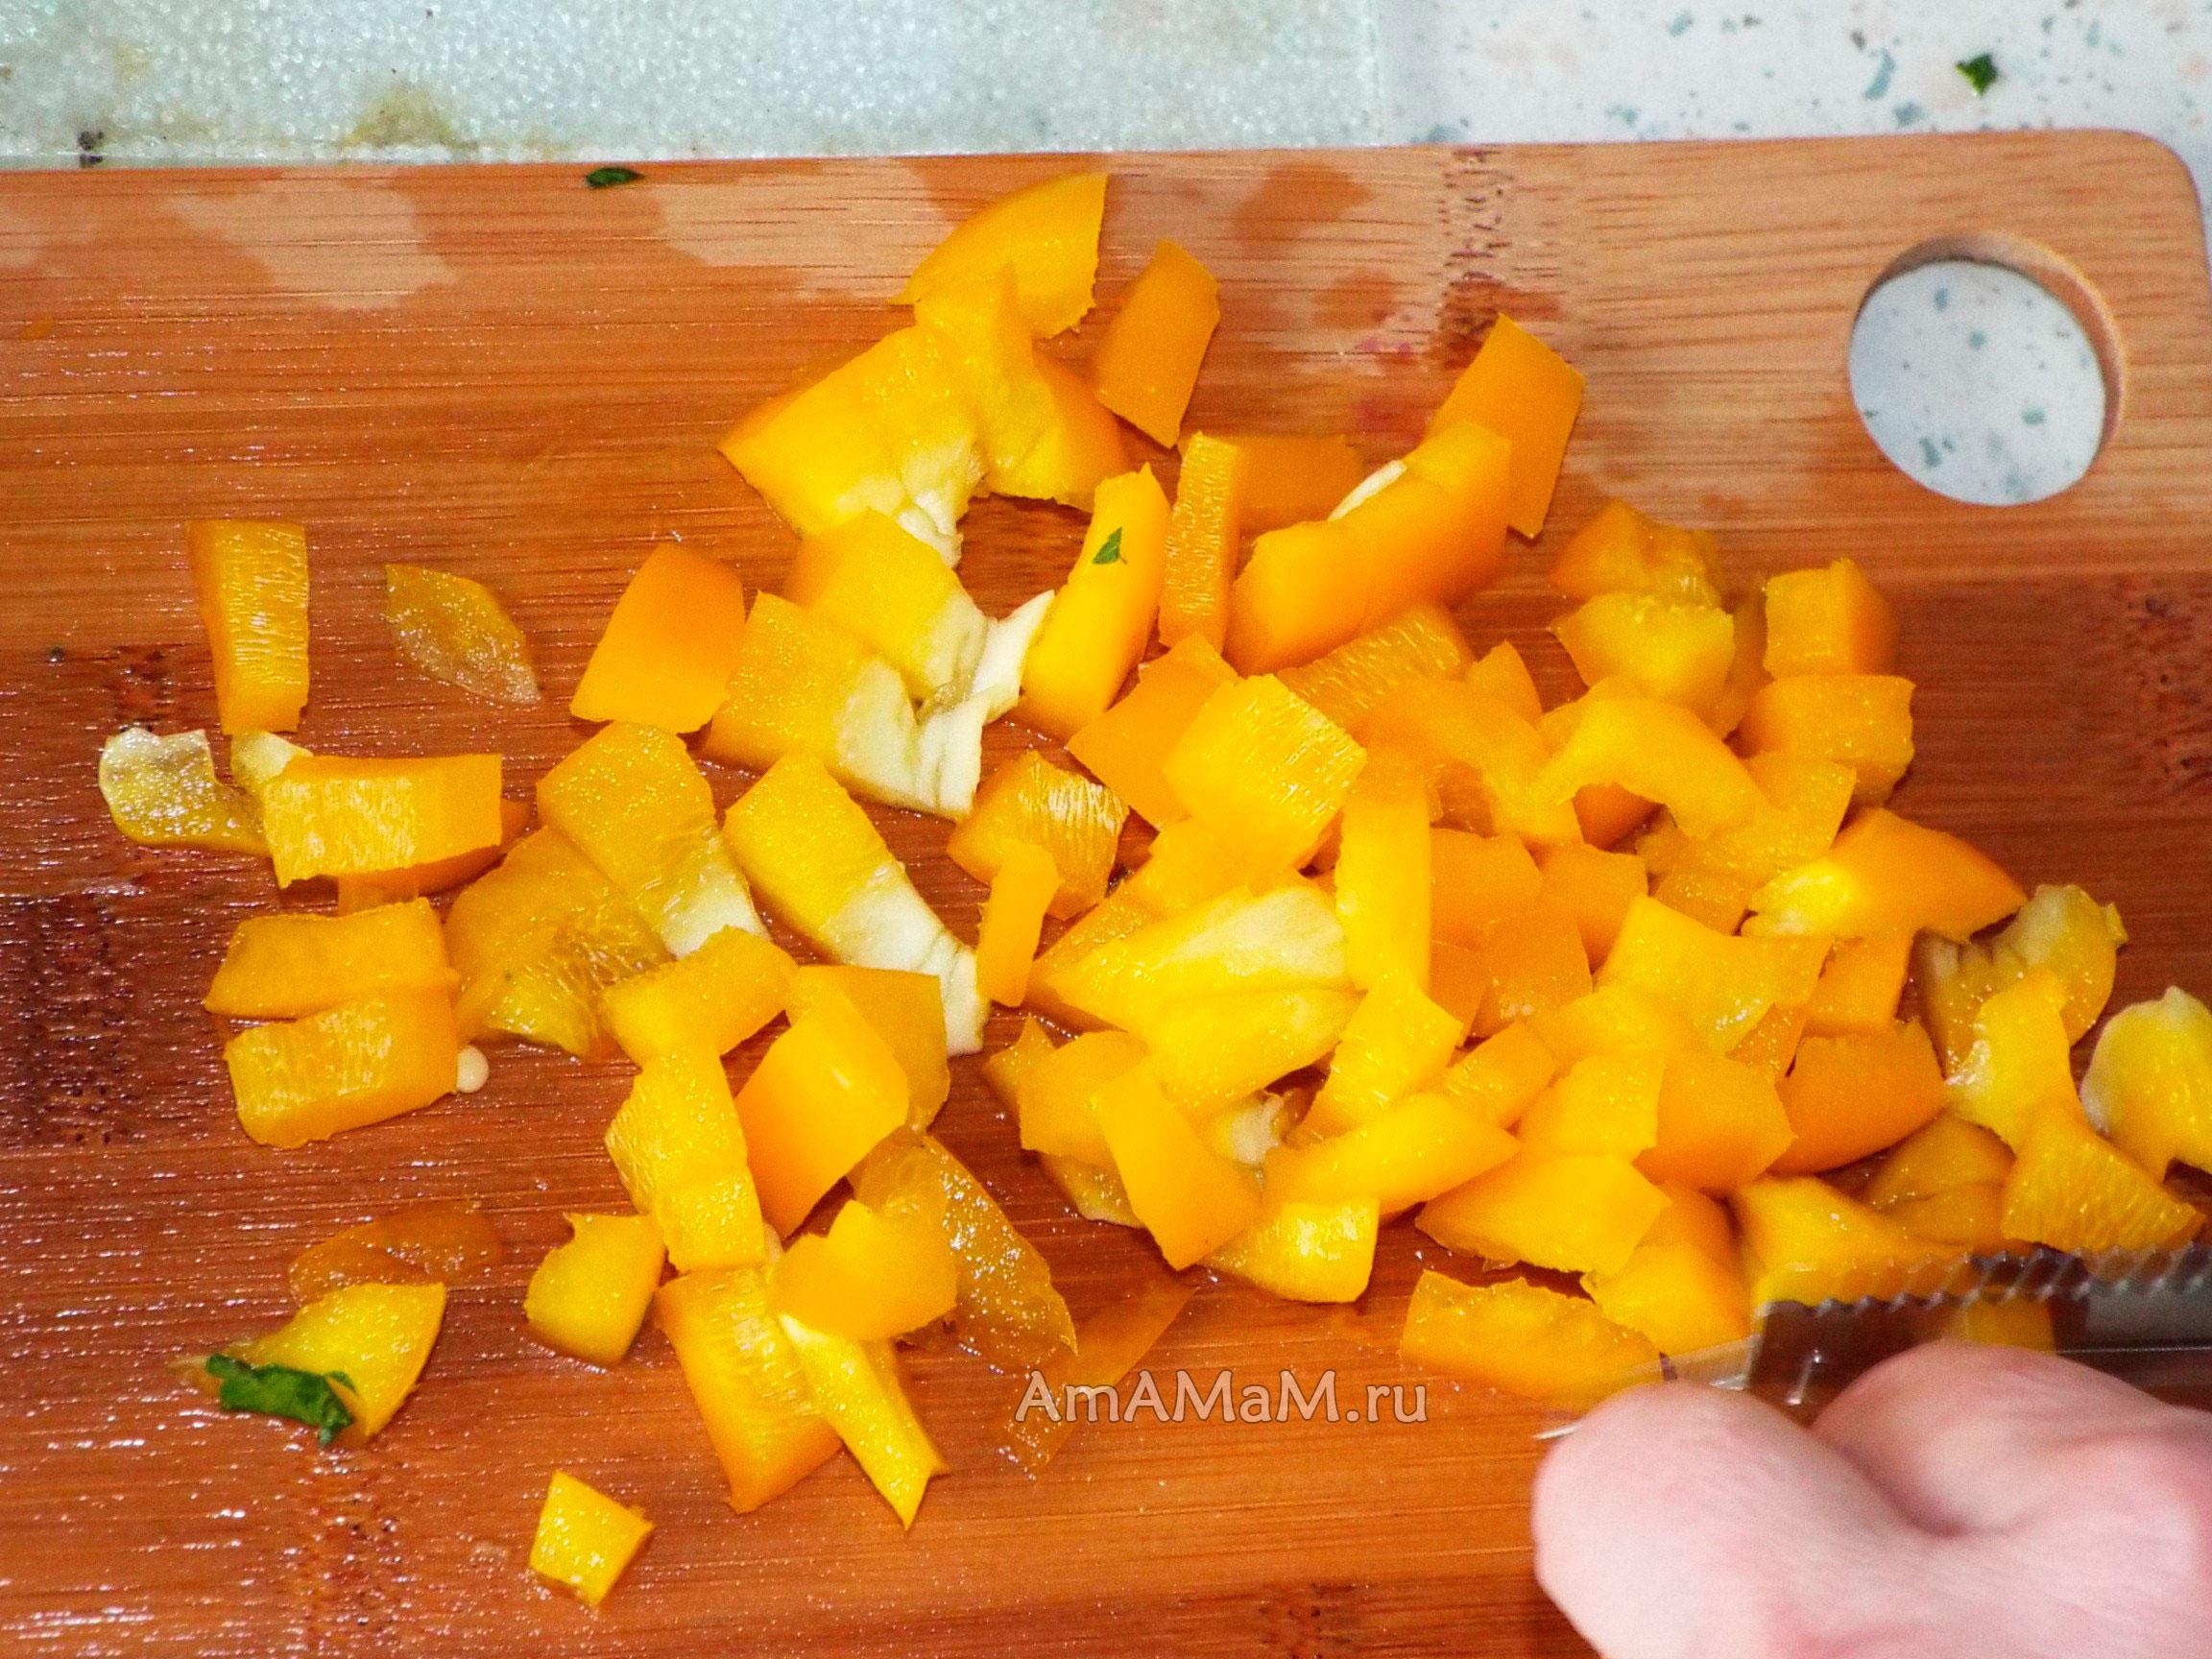 Как приготовить цукаты из груш в домашних условиях